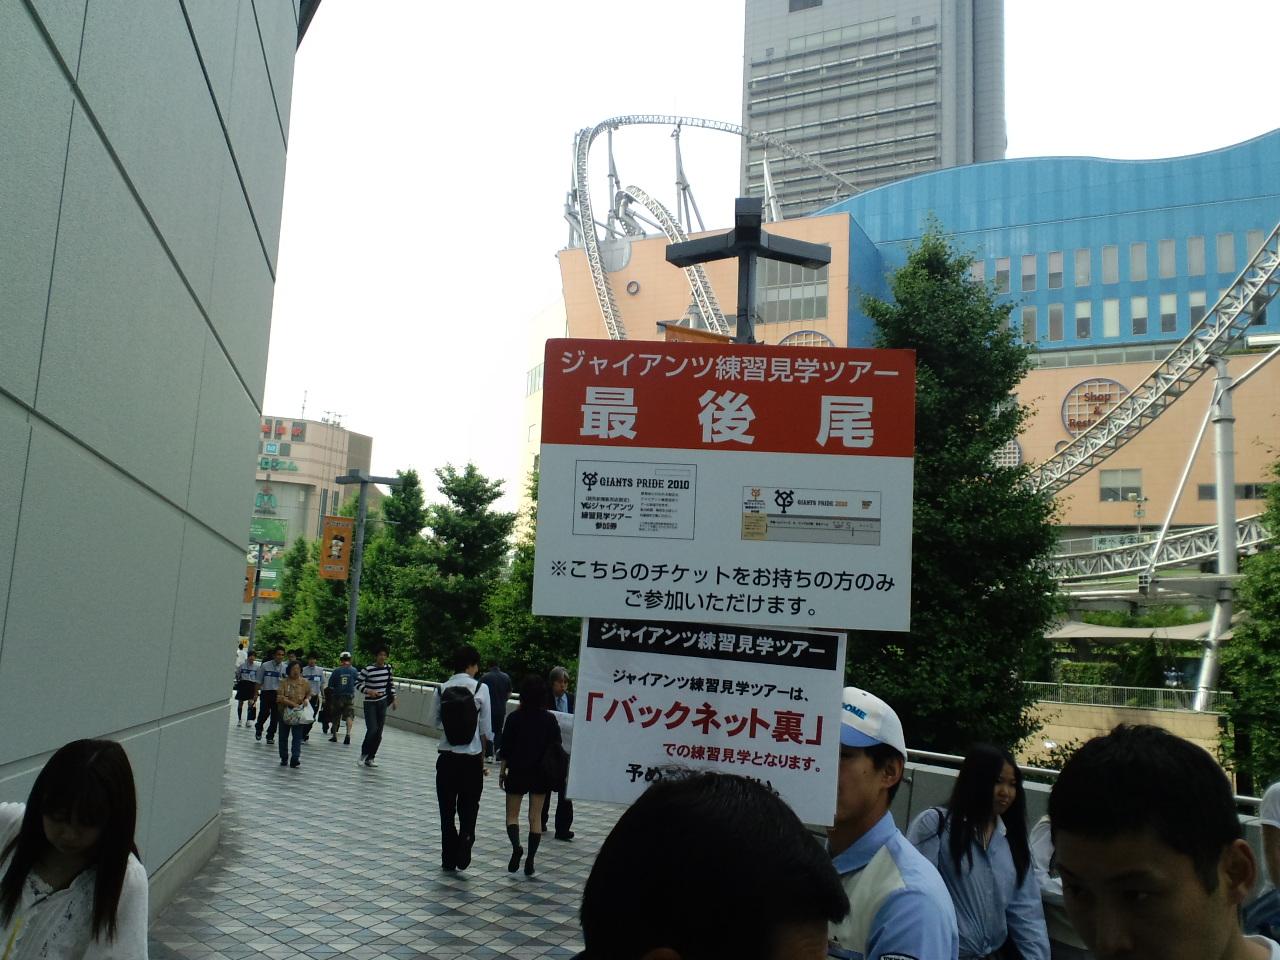 なぜか東京ドーム